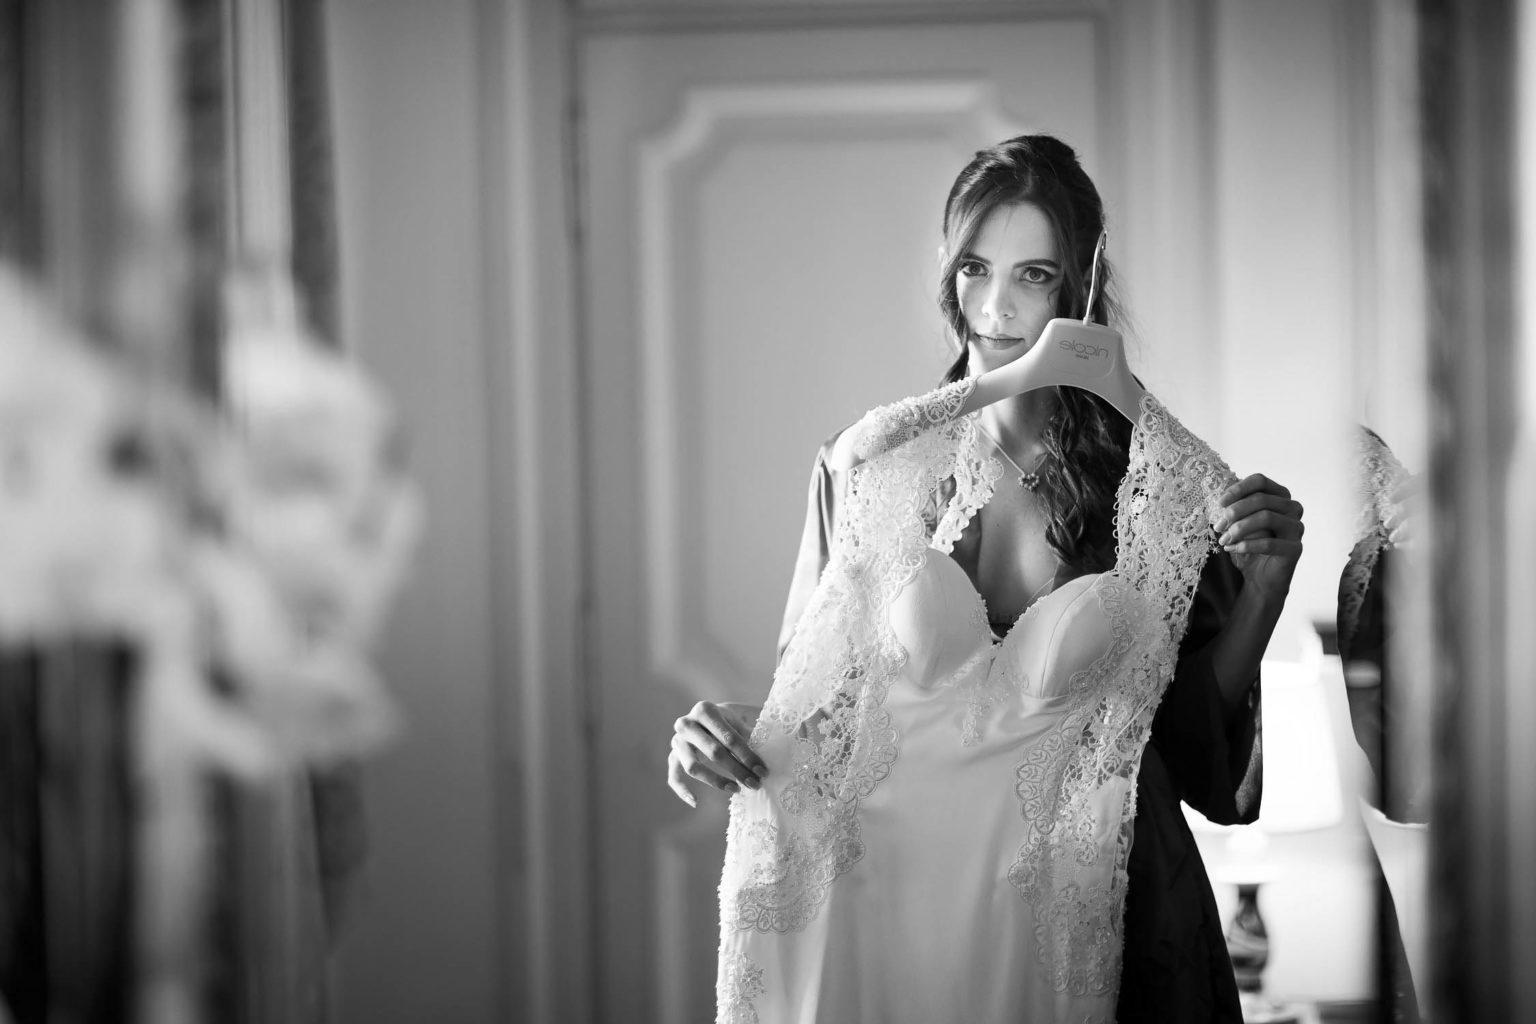 Sposa si specchia al San Domenico Palace per matrimonio a Taormina, foto matrimonio di Nino Lombardo